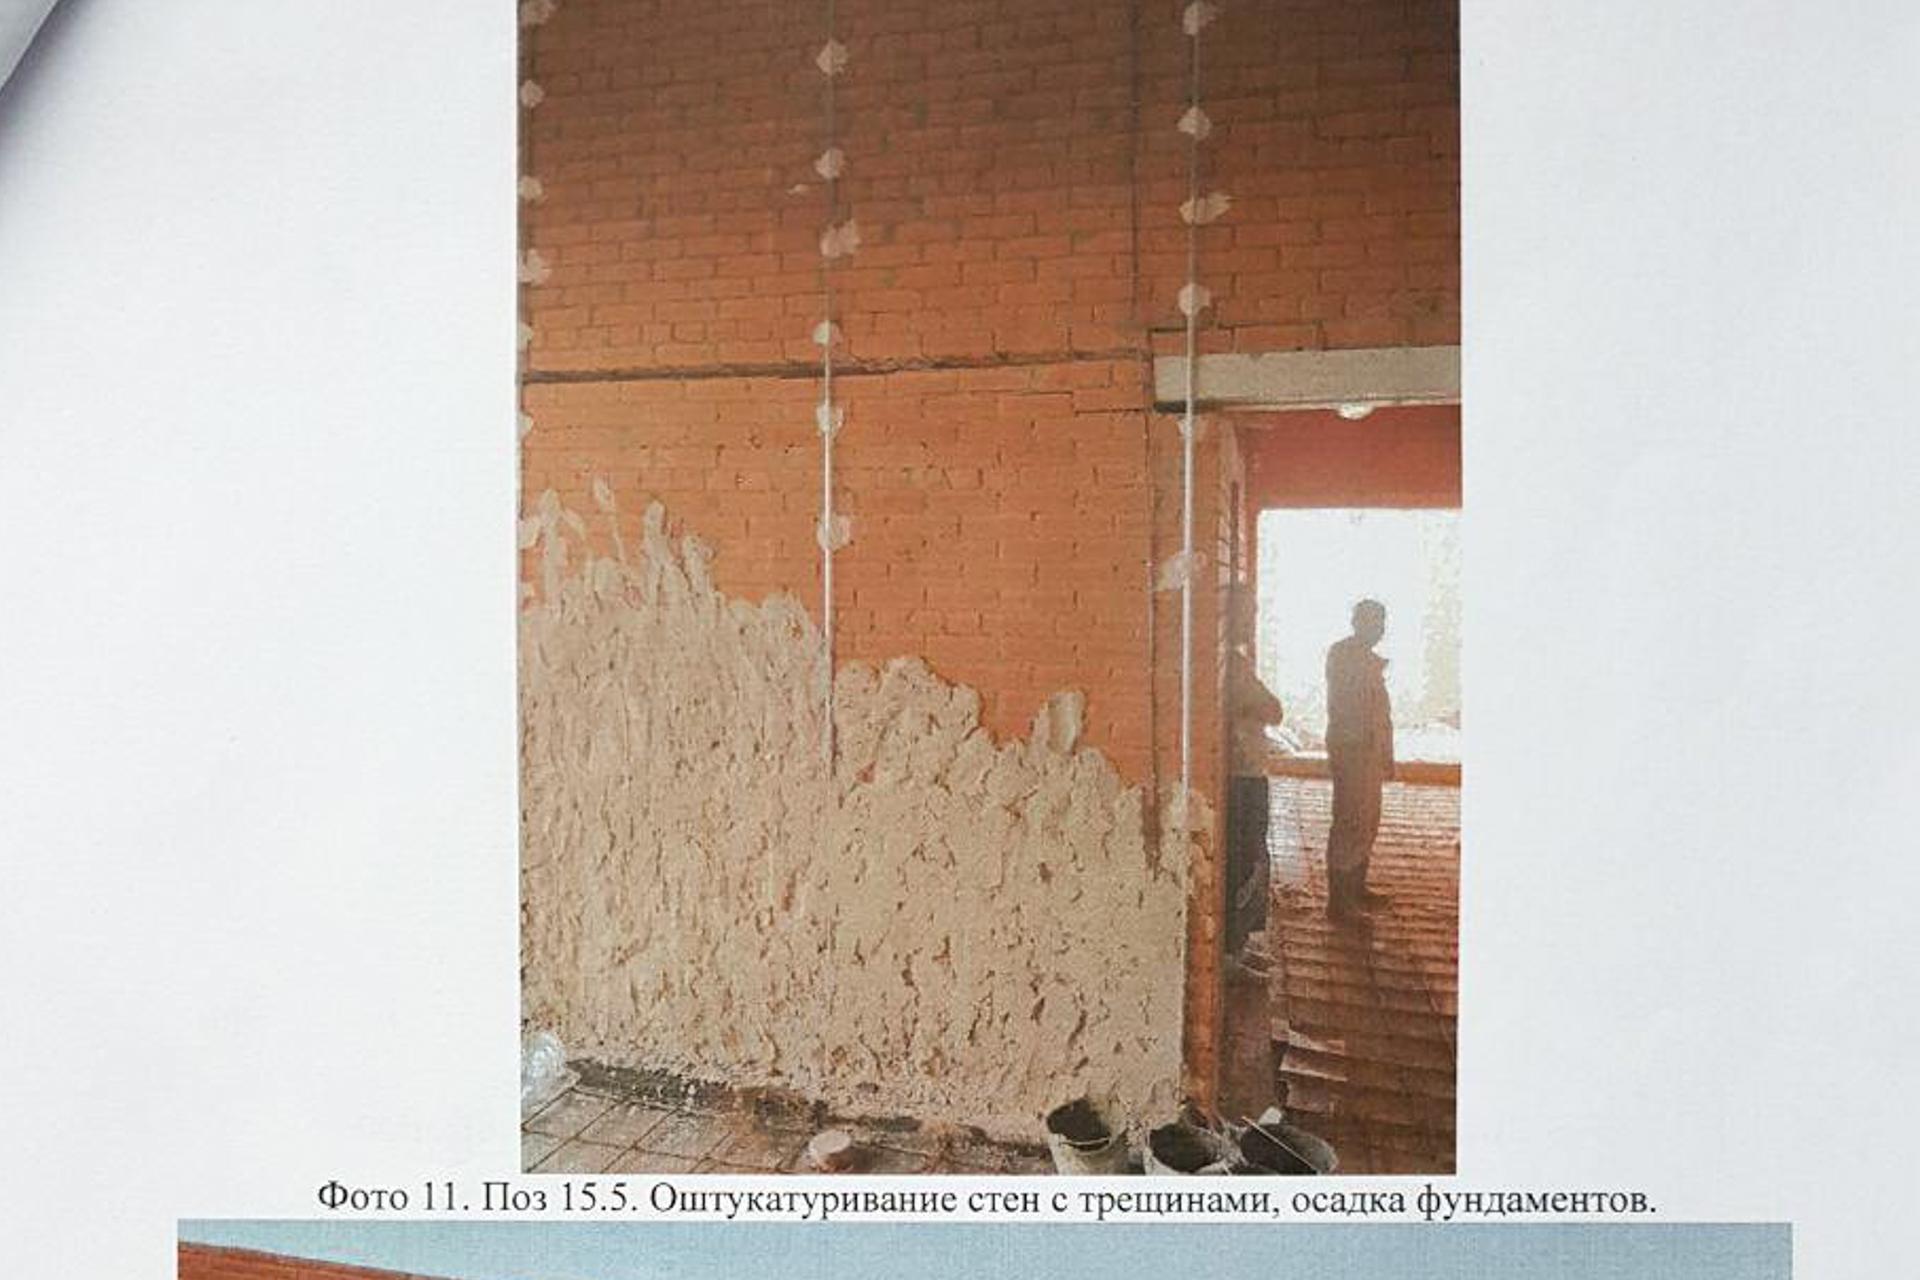 Трещины здания «Олени, лоси, рыси, тигры» заштукатуривают